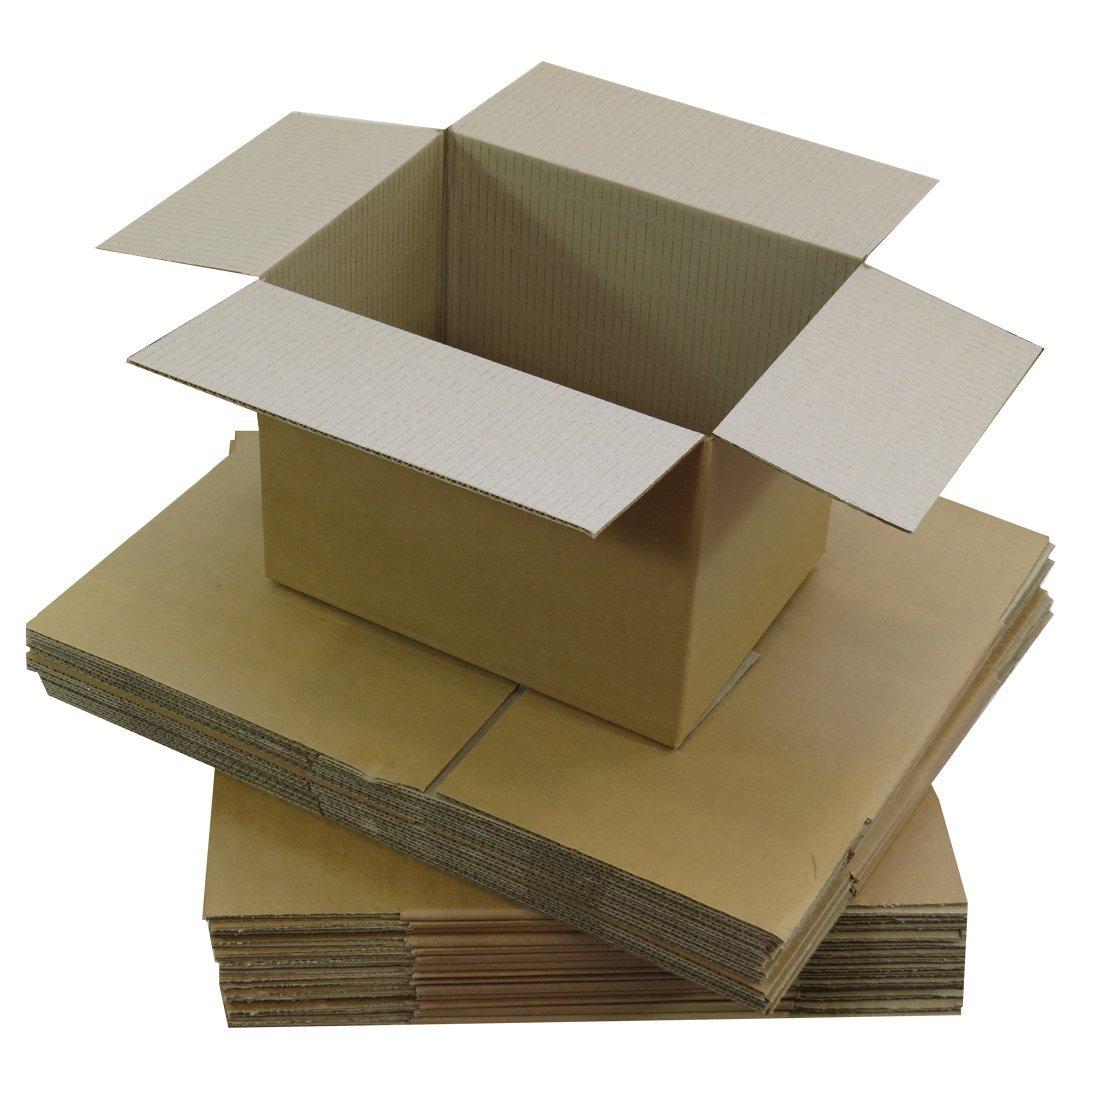 Triplast TPLBX10SINGL17X10X5.5 Lot de 10 cartons pour envoi postal 432x 267x127mm Taille M